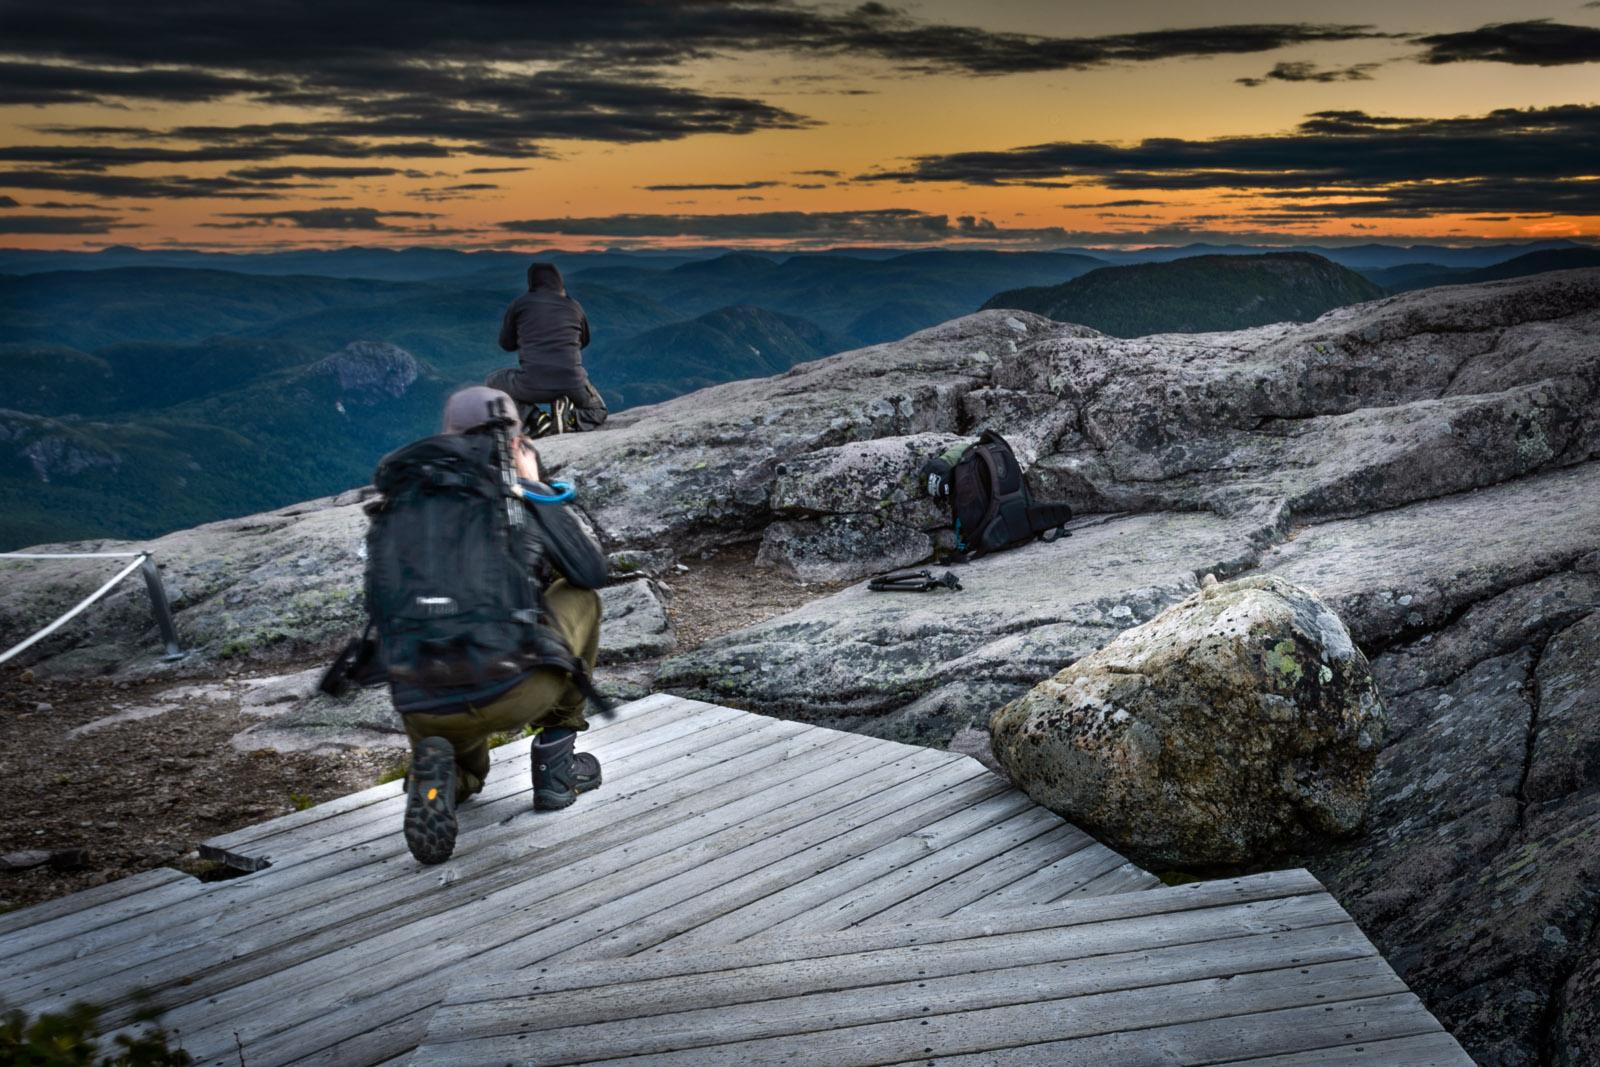 Mont du lac des Cygnes: Francis photographié en train de photographier Claudel!